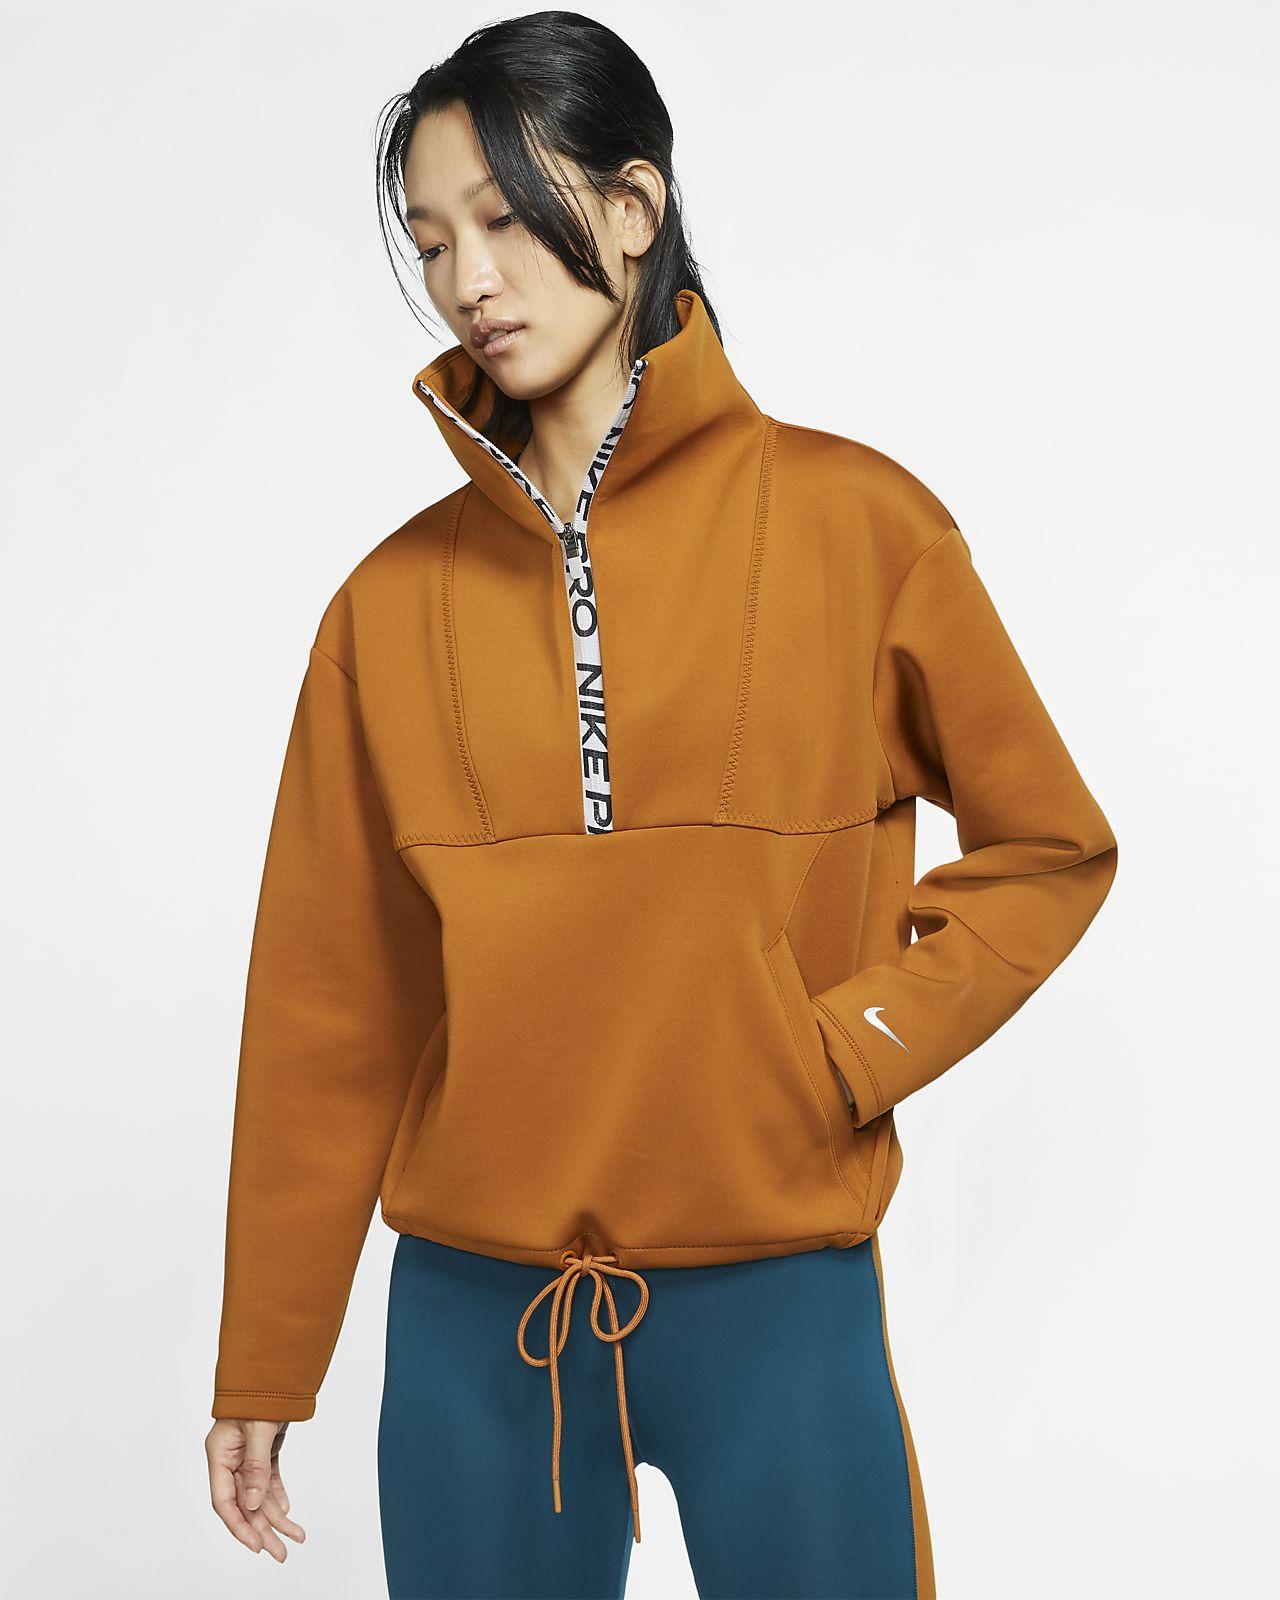 Nike Pro Women's Fleece Cropped Top